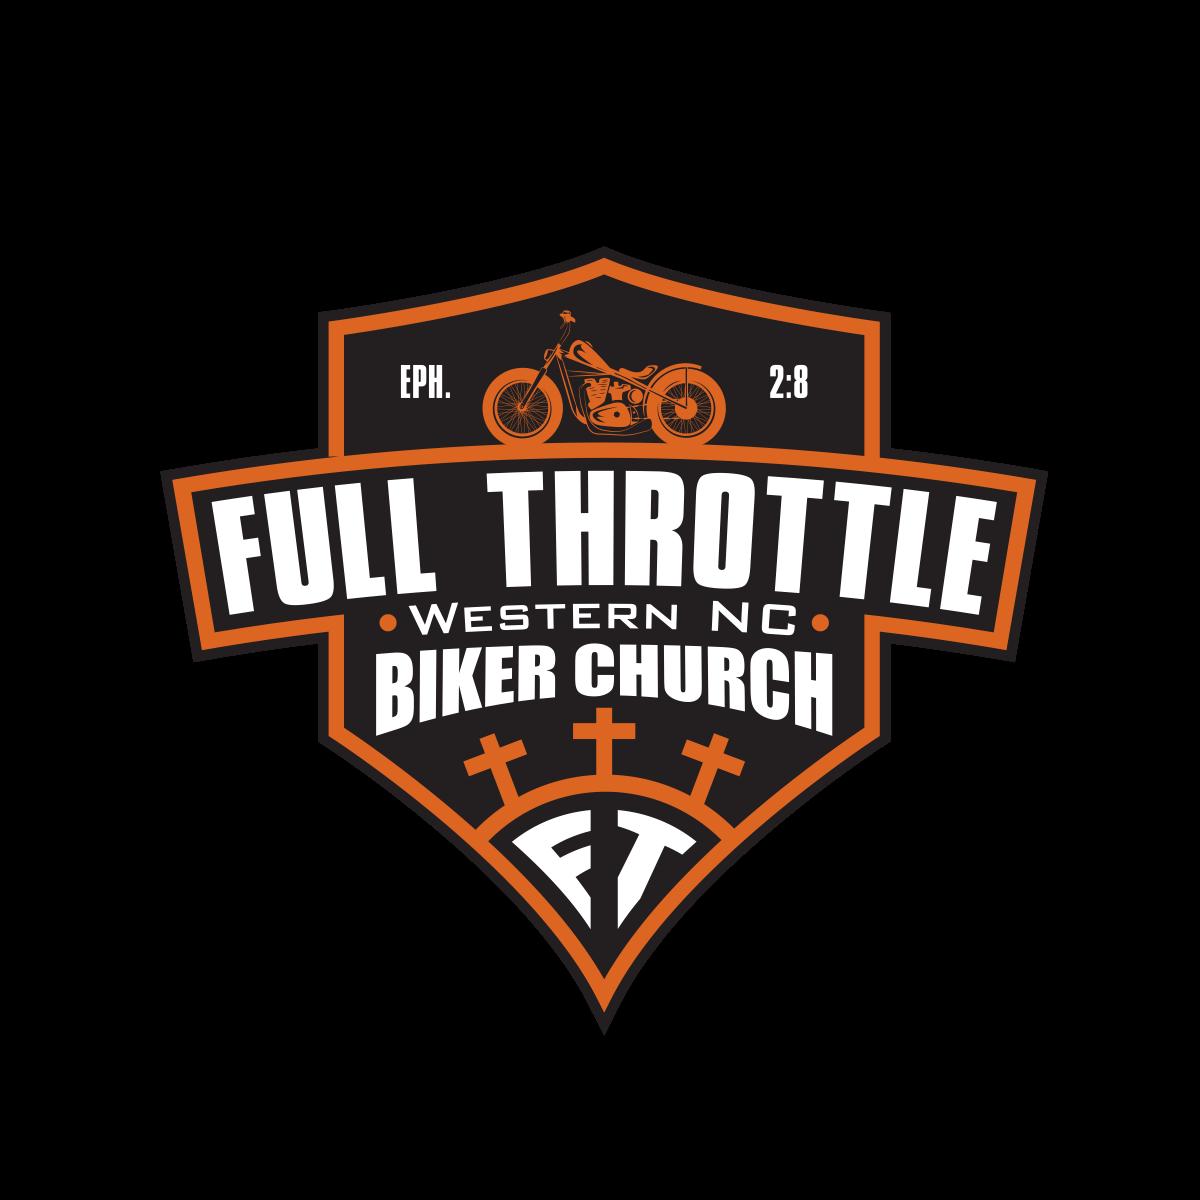 Full Throttle Biker Church Network